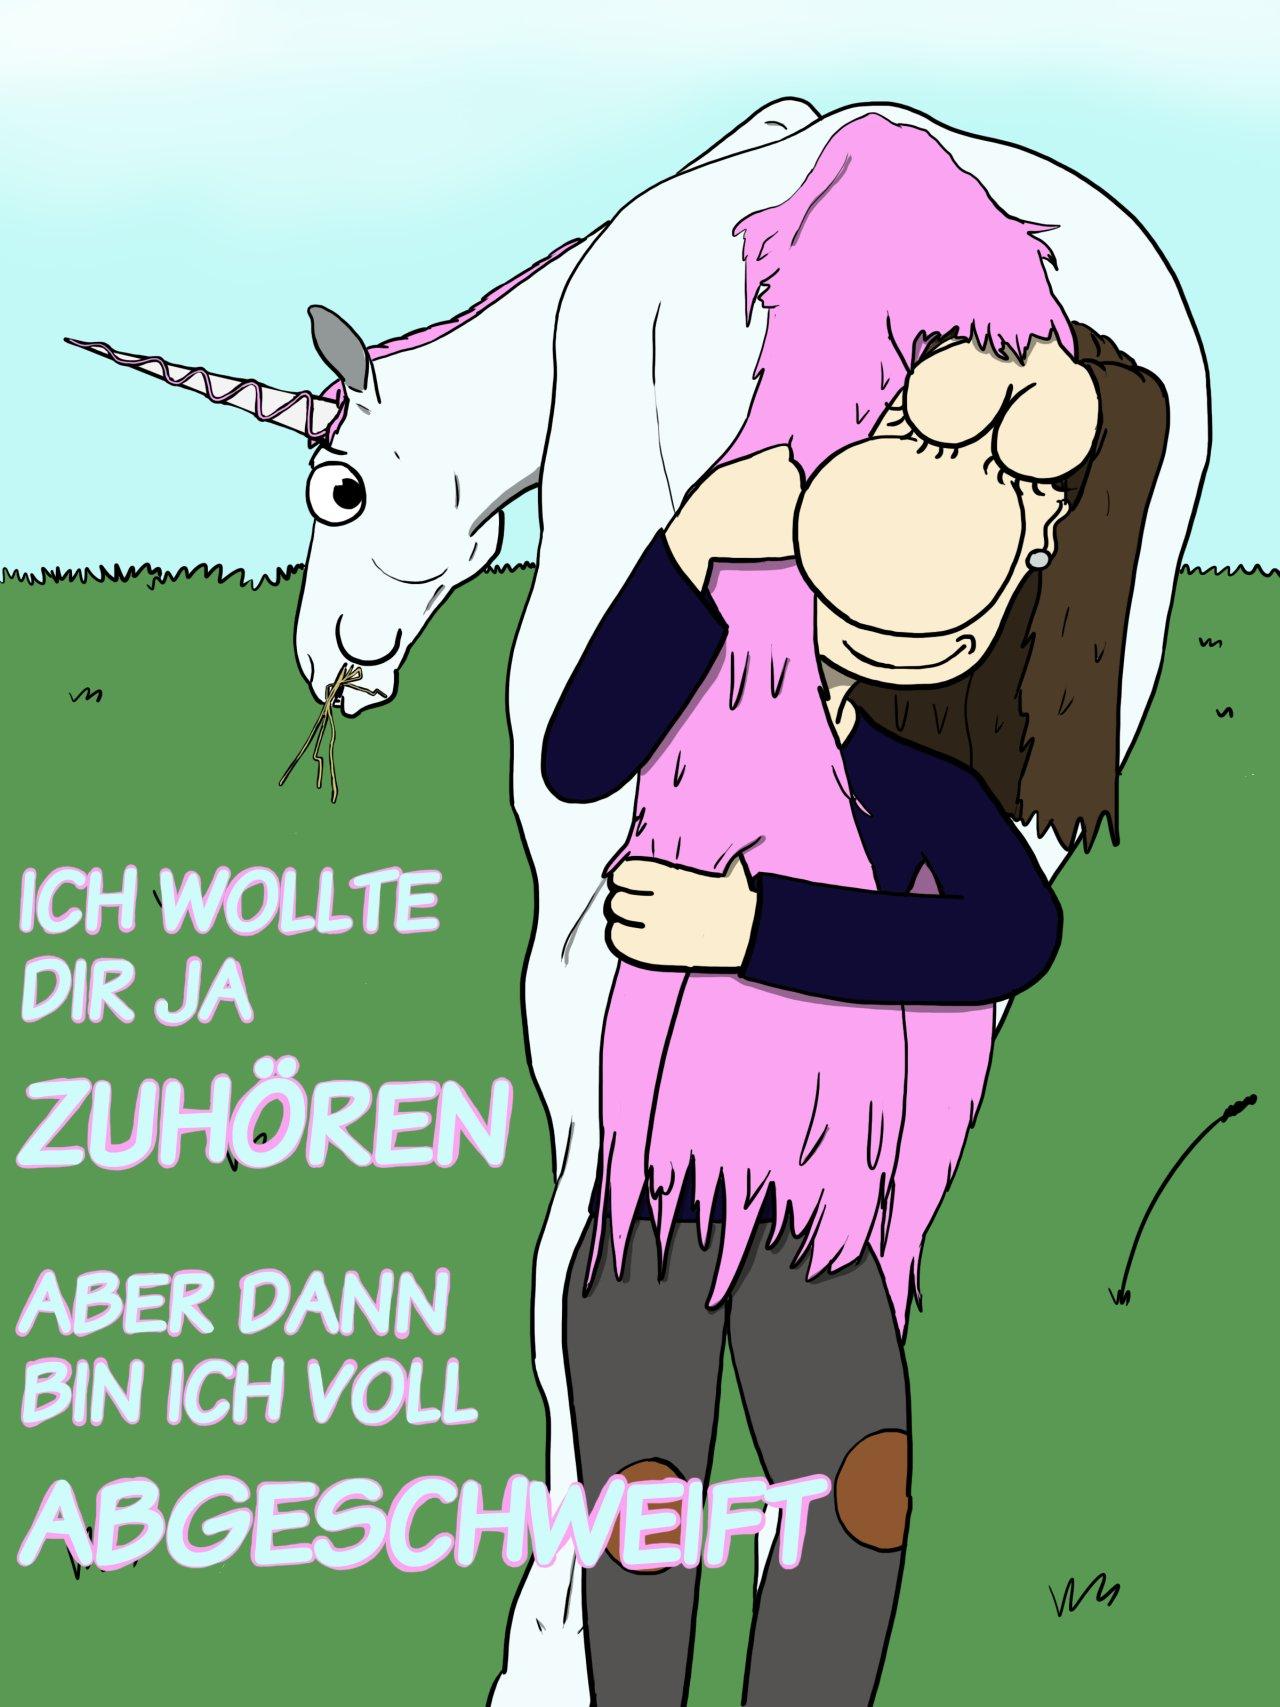 Der Wo Ente: Voll abgeschweift, Alter!